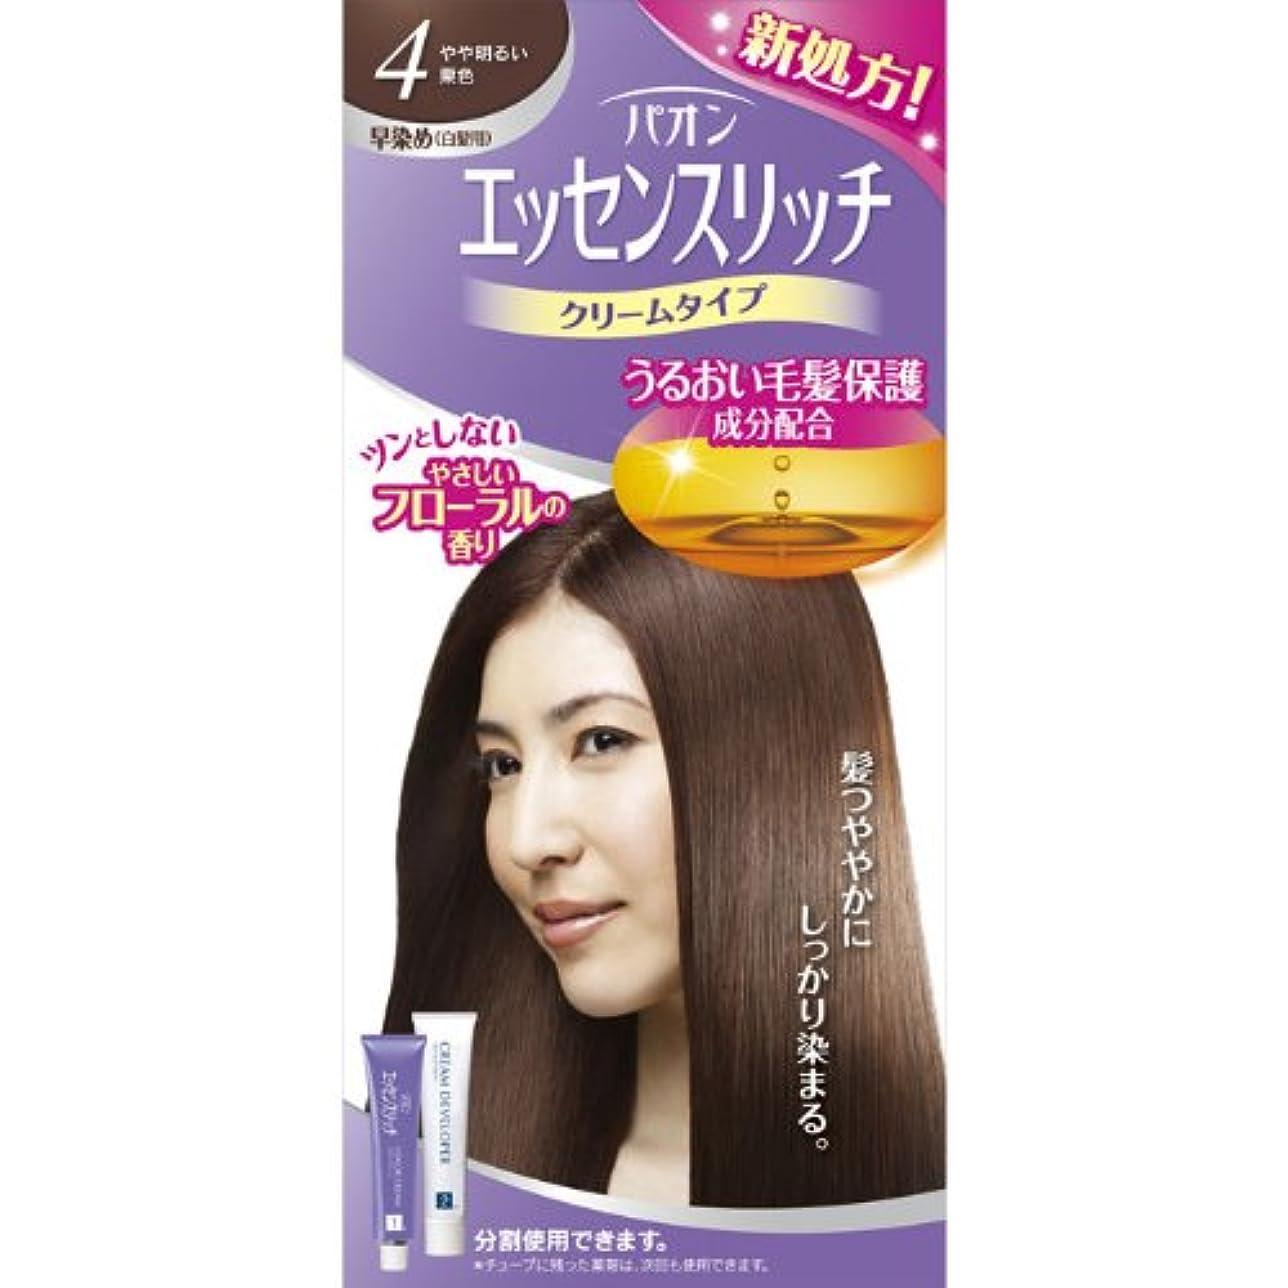 スワップ選ぶコンパクトヘンケルライオンコスメティックス パオン エッセンスリッチ クリームタイプ 4 やや明るい栗色 40g+40g (医薬部外品)